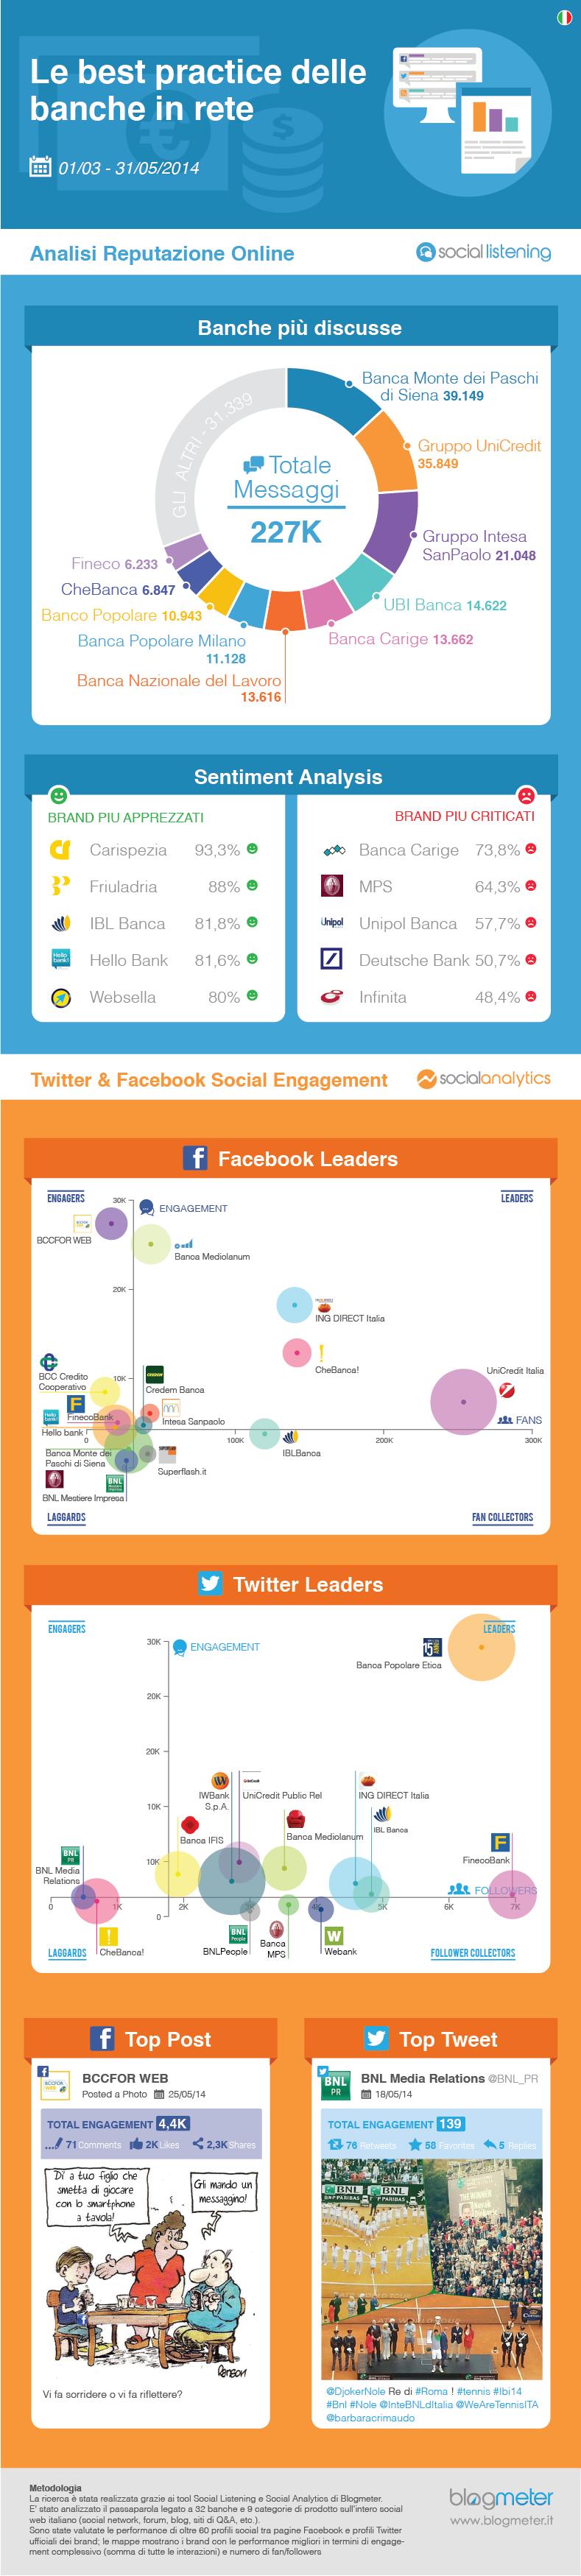 banche-social-network-borsadelcredito